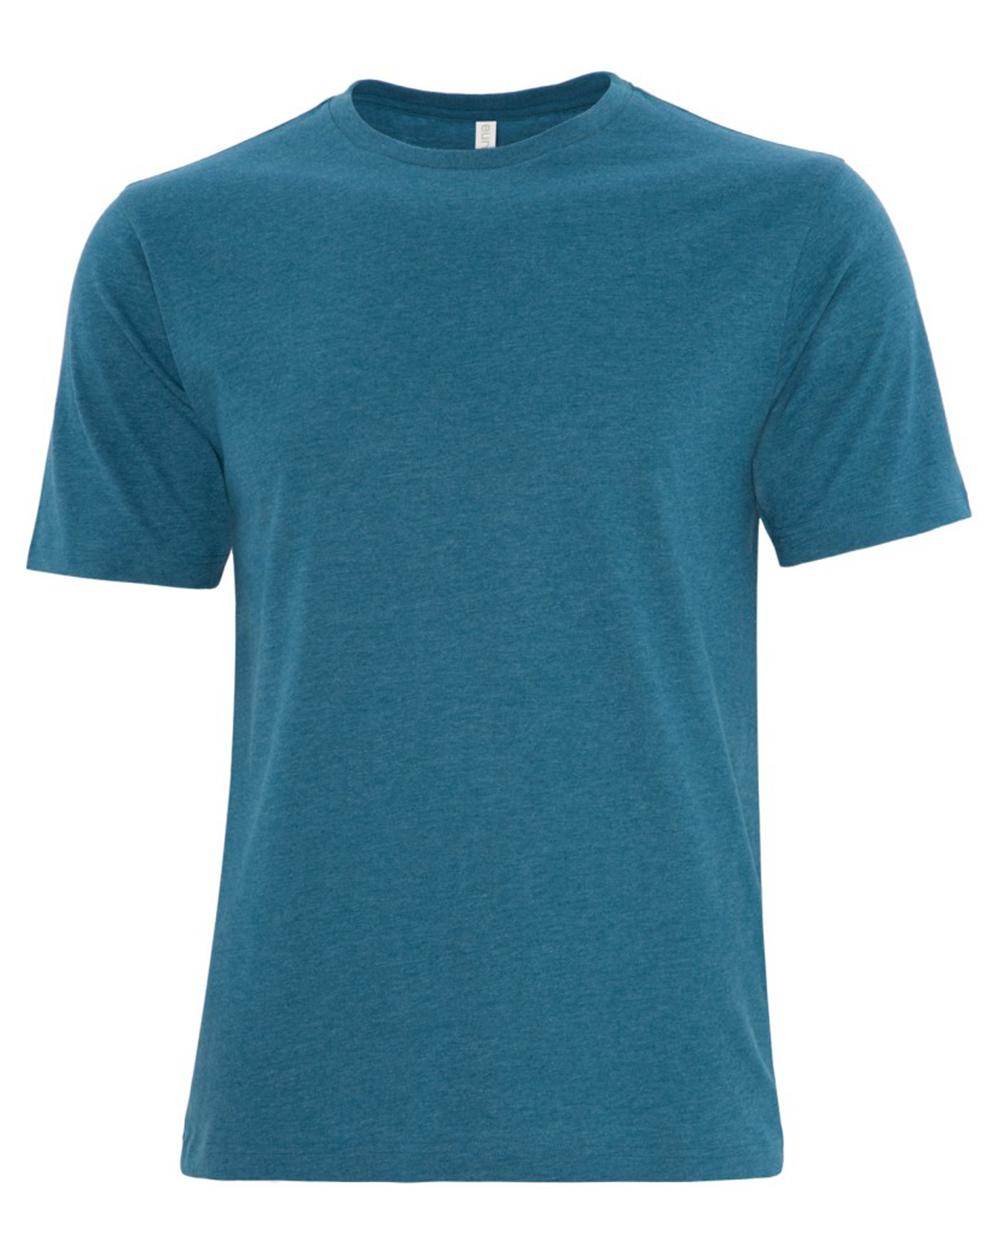 Eurospun Ring Spun T-Shirt